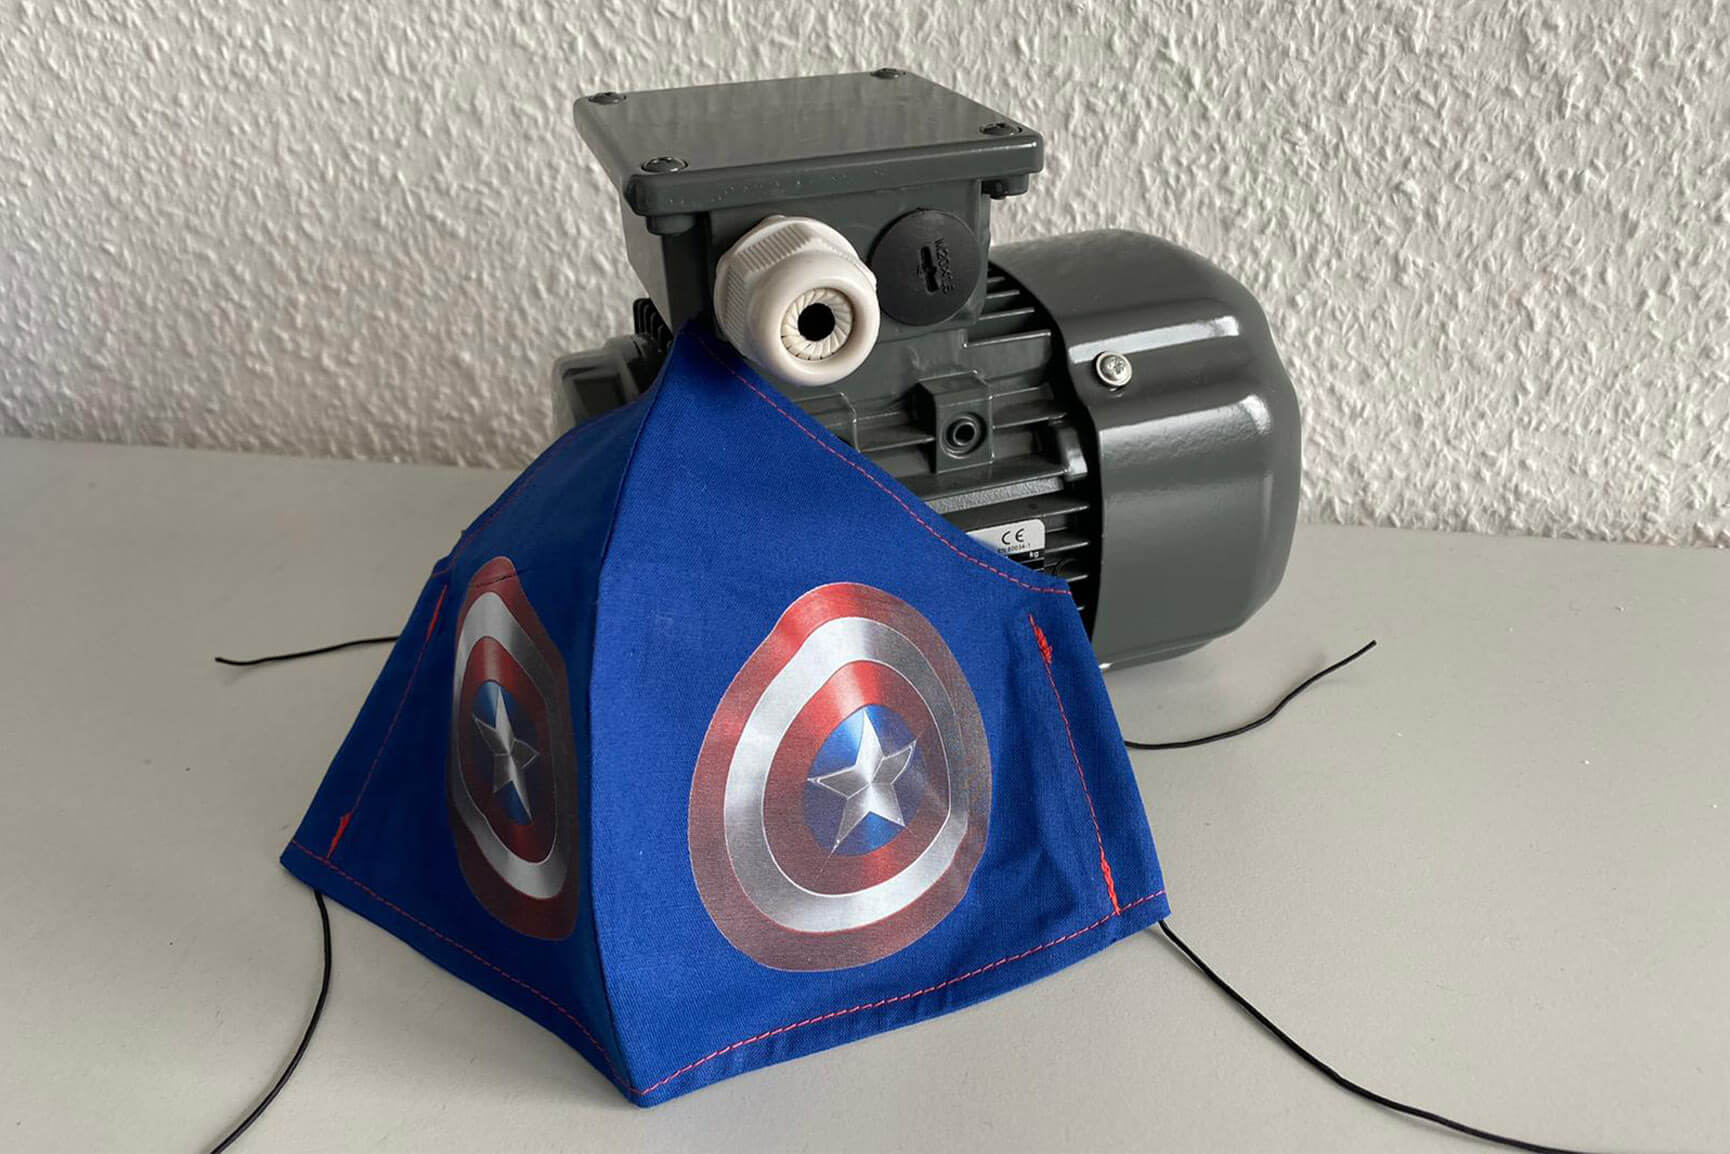 ac-motoren-aktuelles-unser-neuer-alltag-titelbild-captain-america-maske-mit-motor